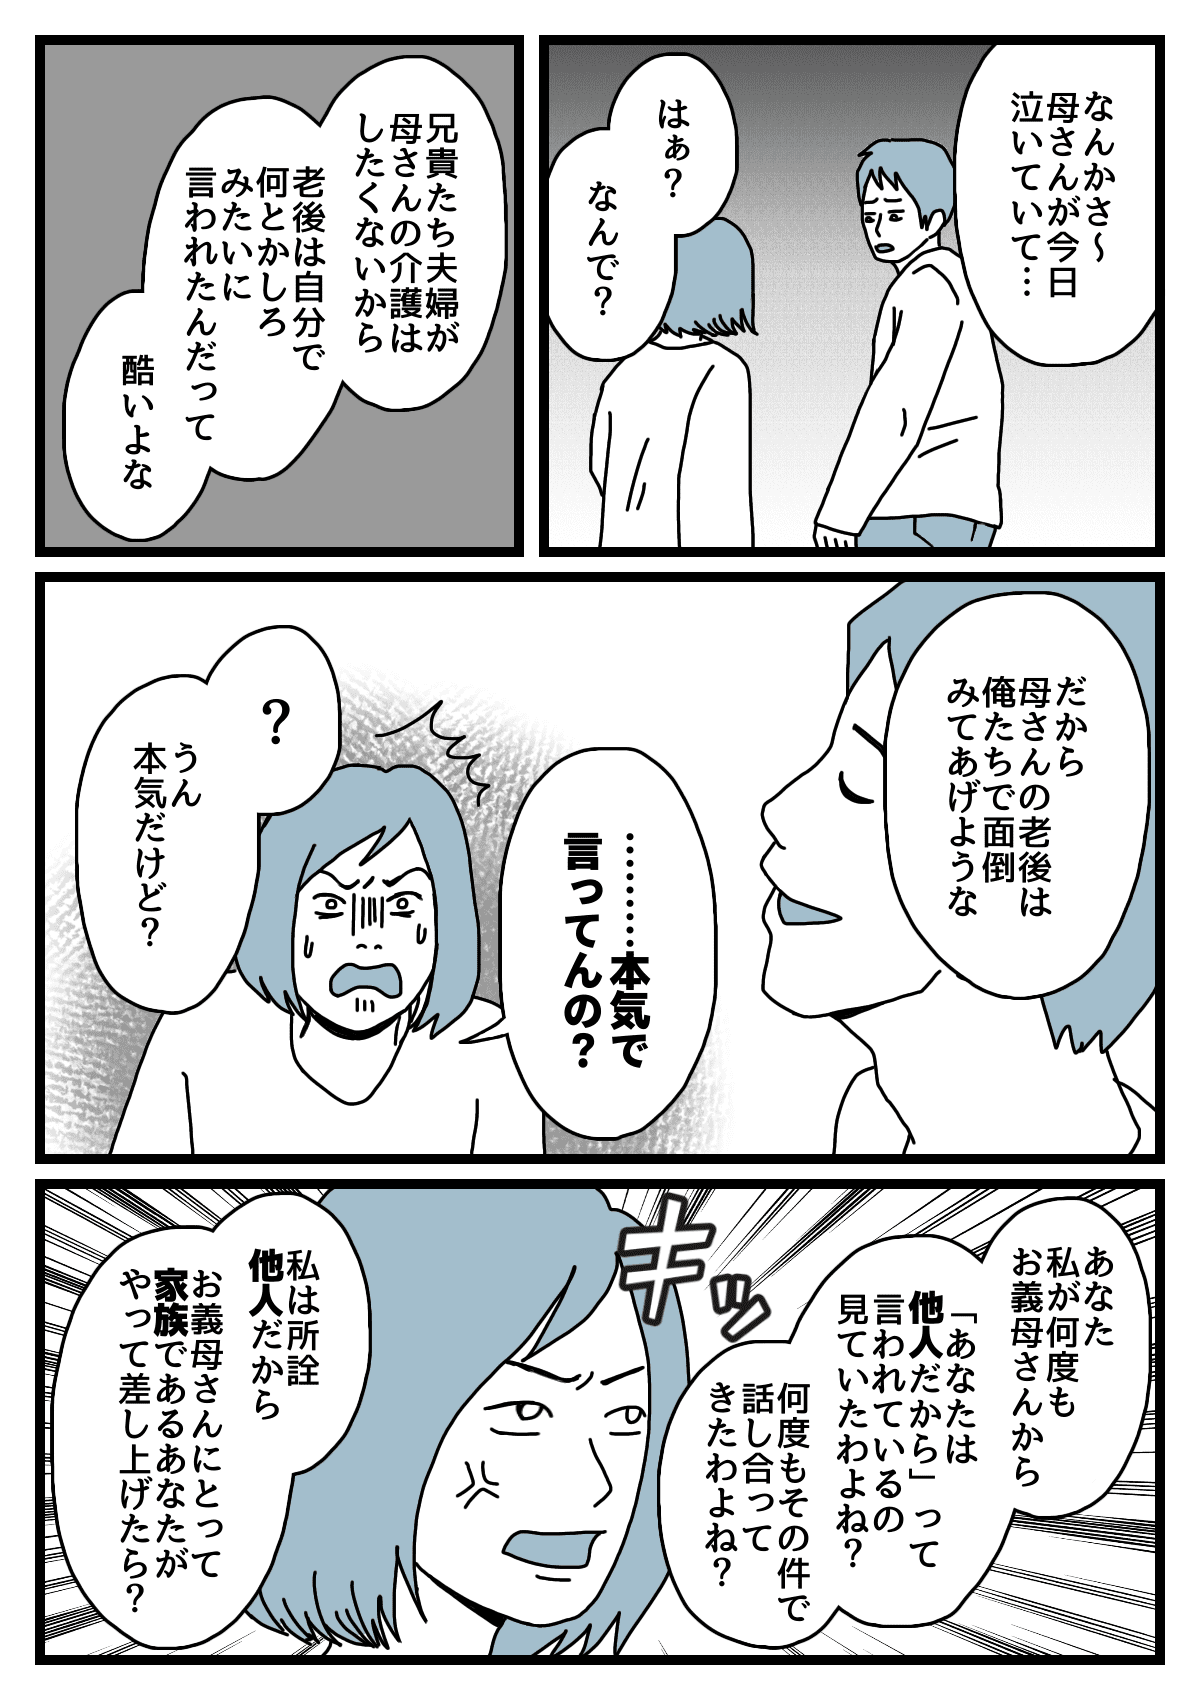 【中編】嫌がらせ2